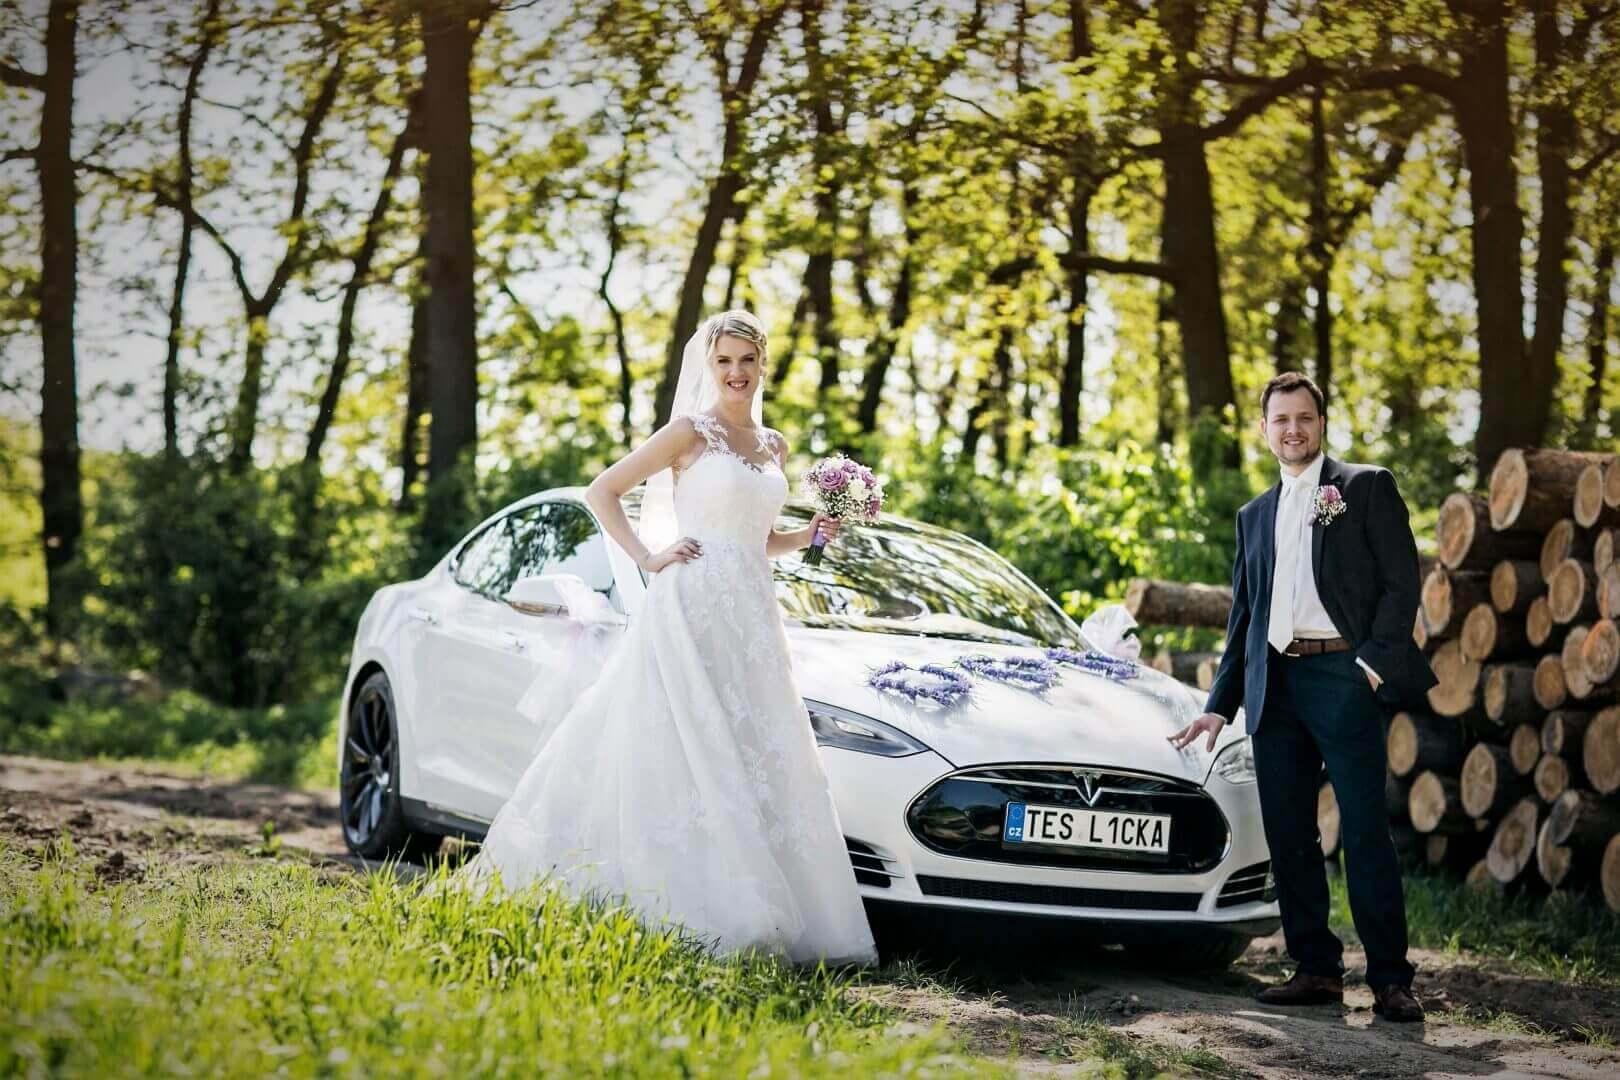 Teslou na svatbu